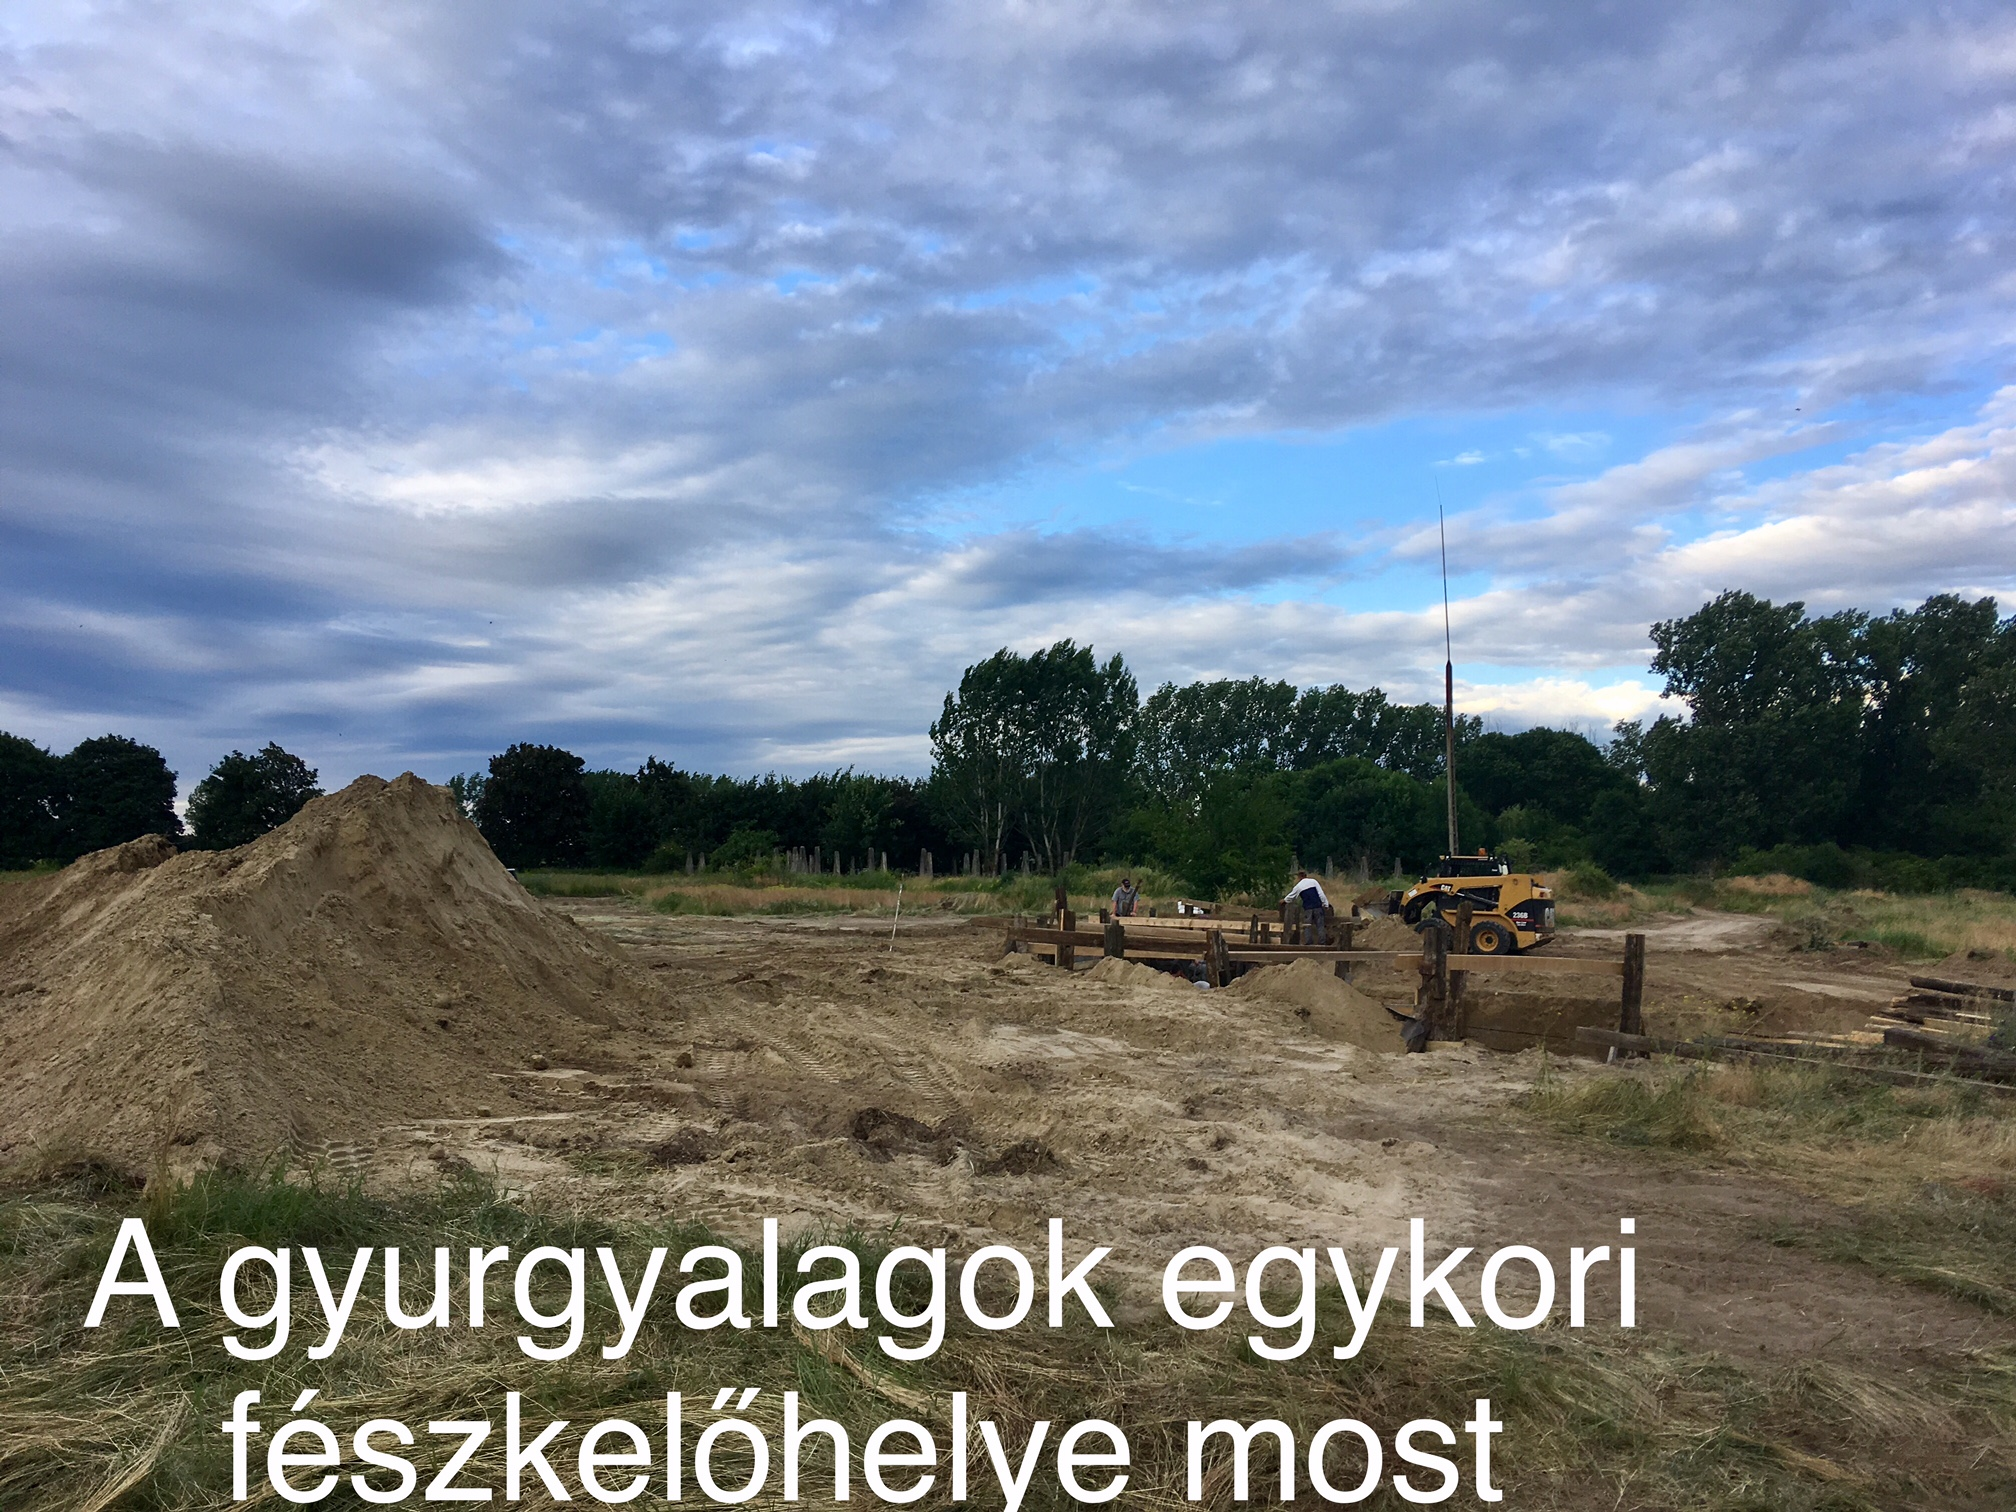 Élve temettek el kiemelten védett gyurgyalagokat Dunakeszin